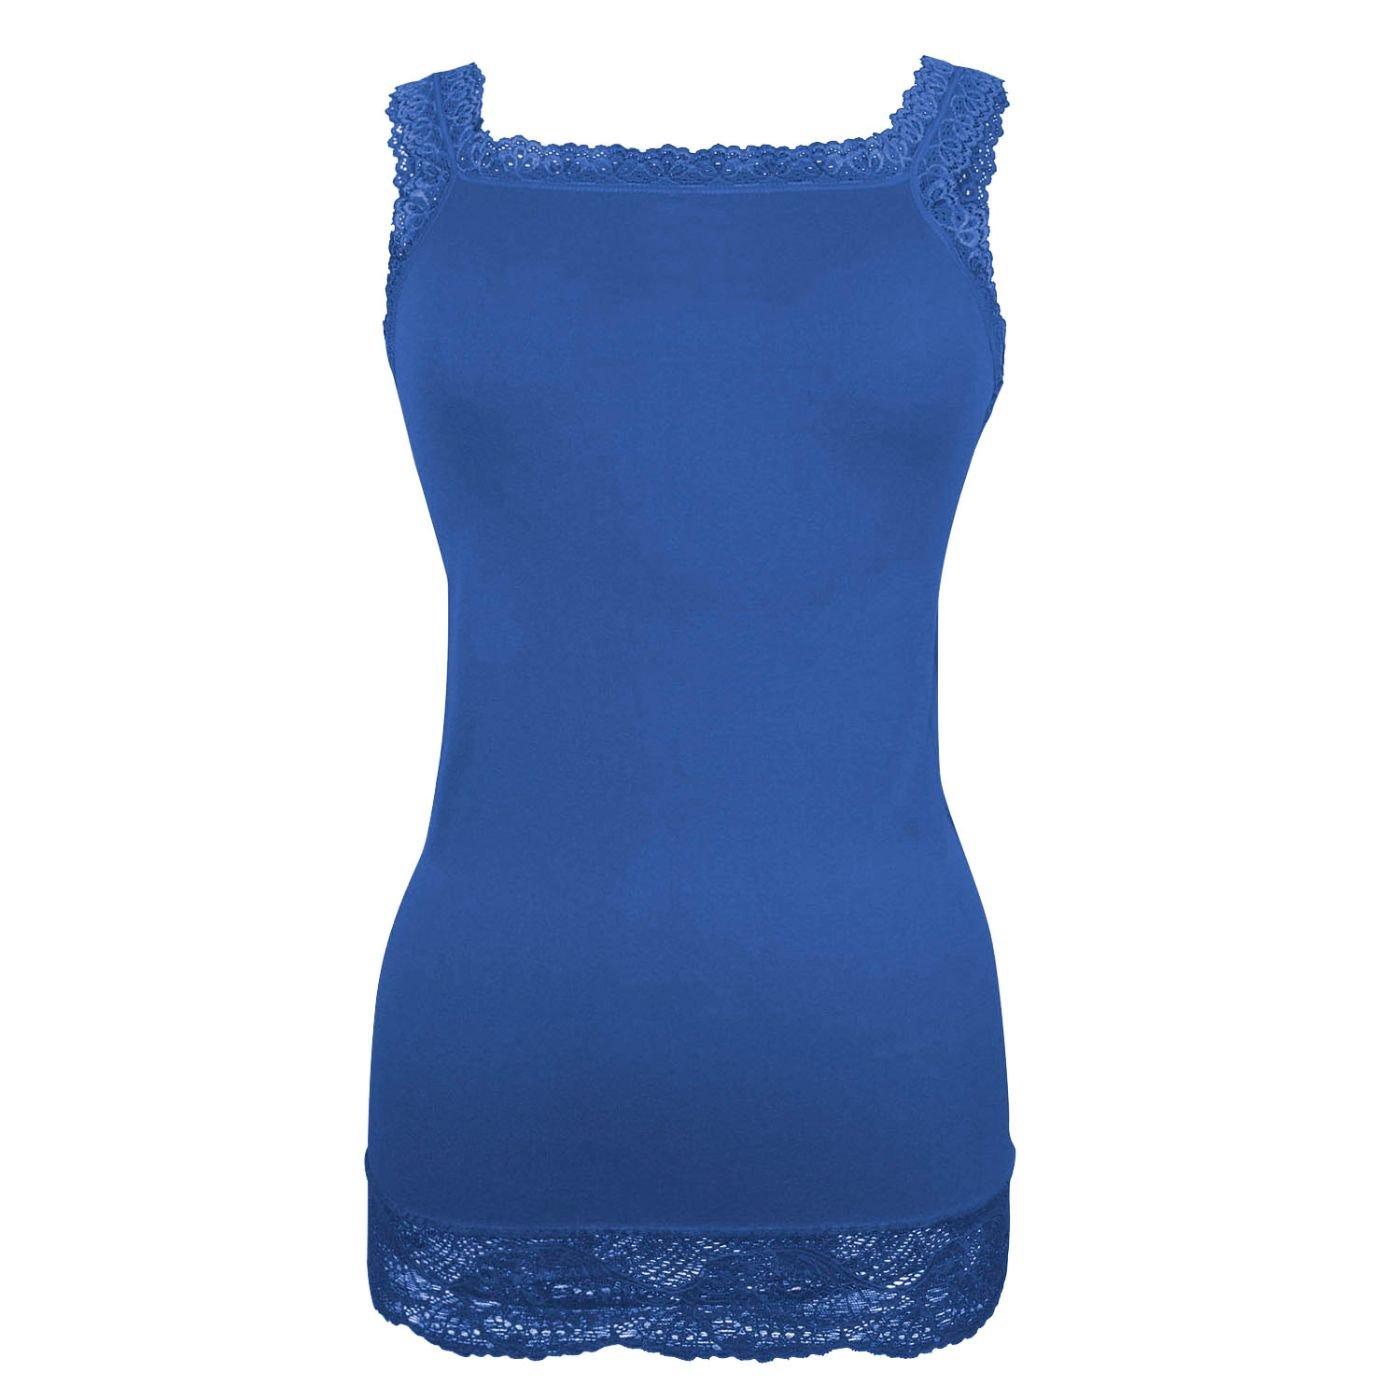 Canotta da Donna in Tinta Unita Intimo Shirt per Tutti i Giorni Glamexx24 Top da Donna con Pizzo